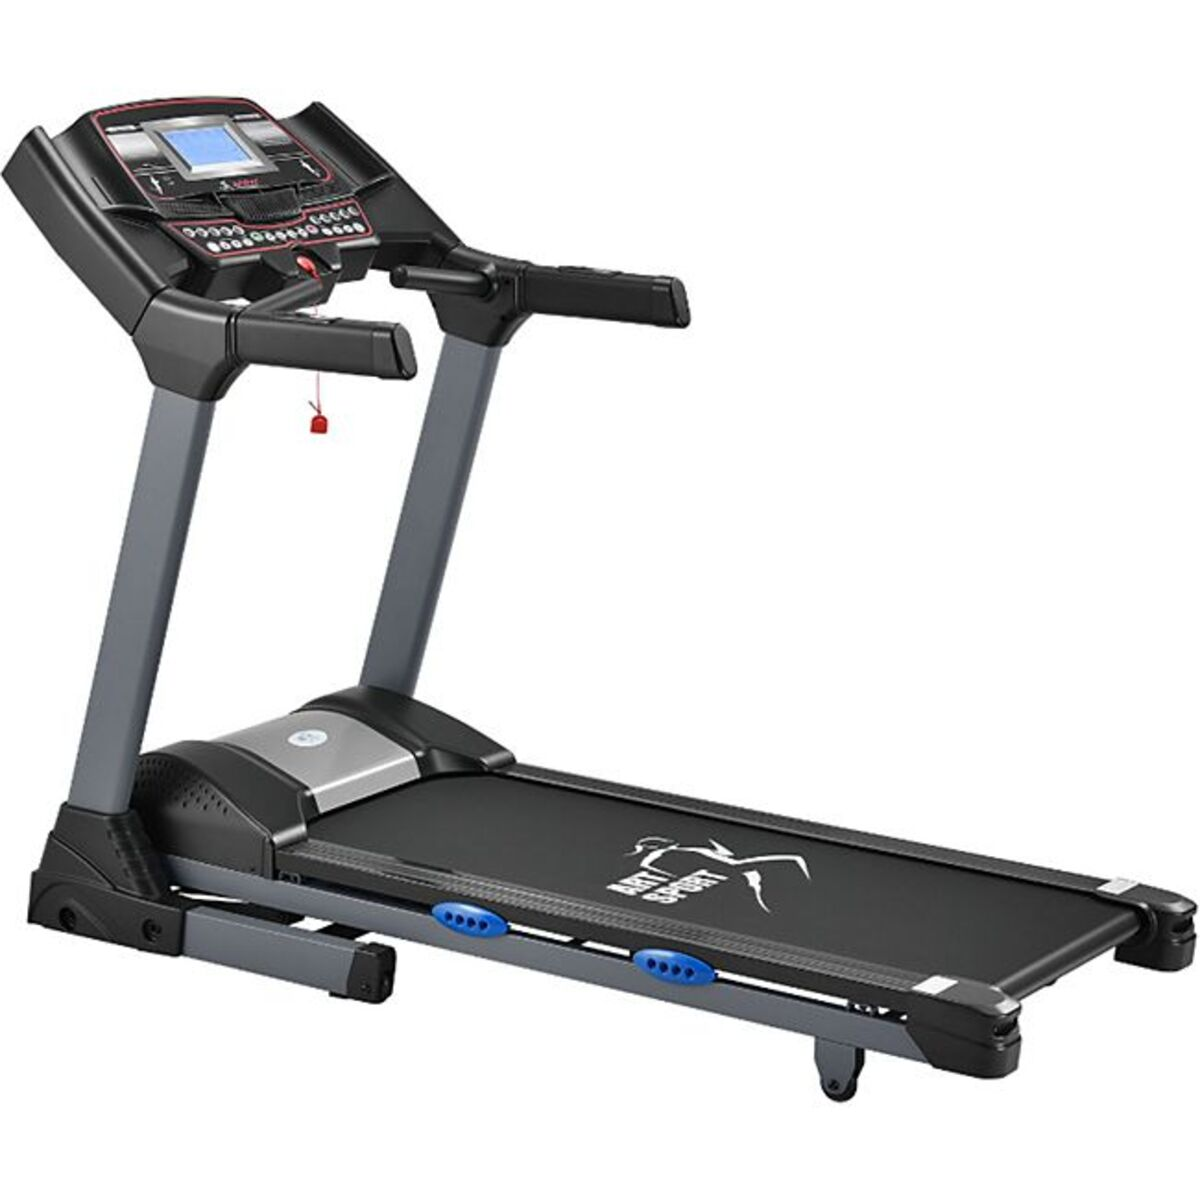 Bild 1 von ArtSport Laufband Speedrunner 6000